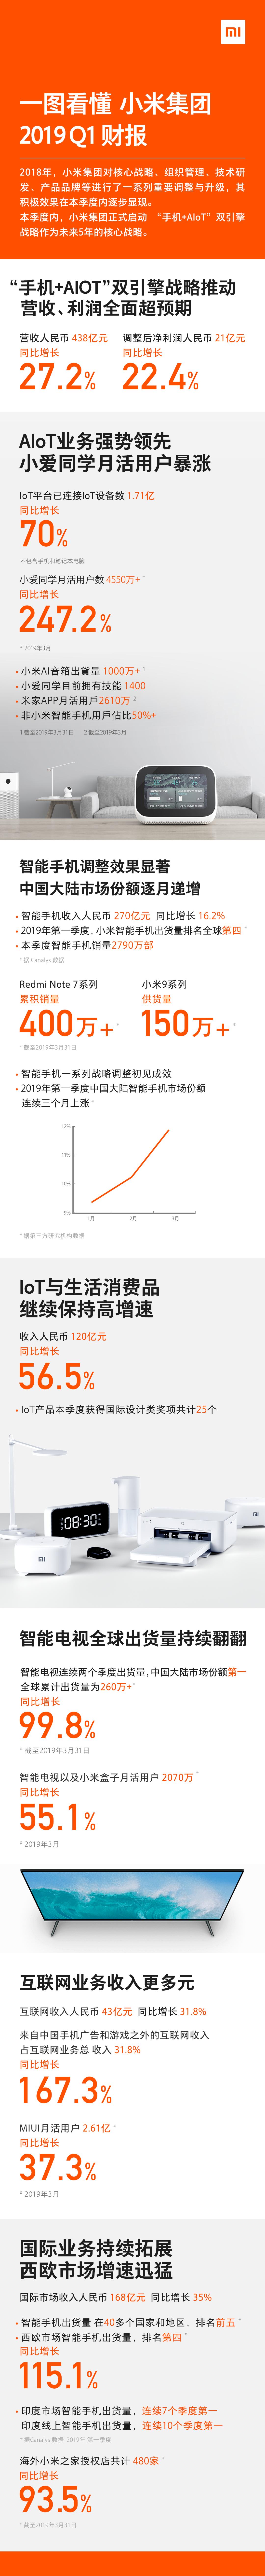 小米首份双引擎财报:手机+AIoT营收全面超预期